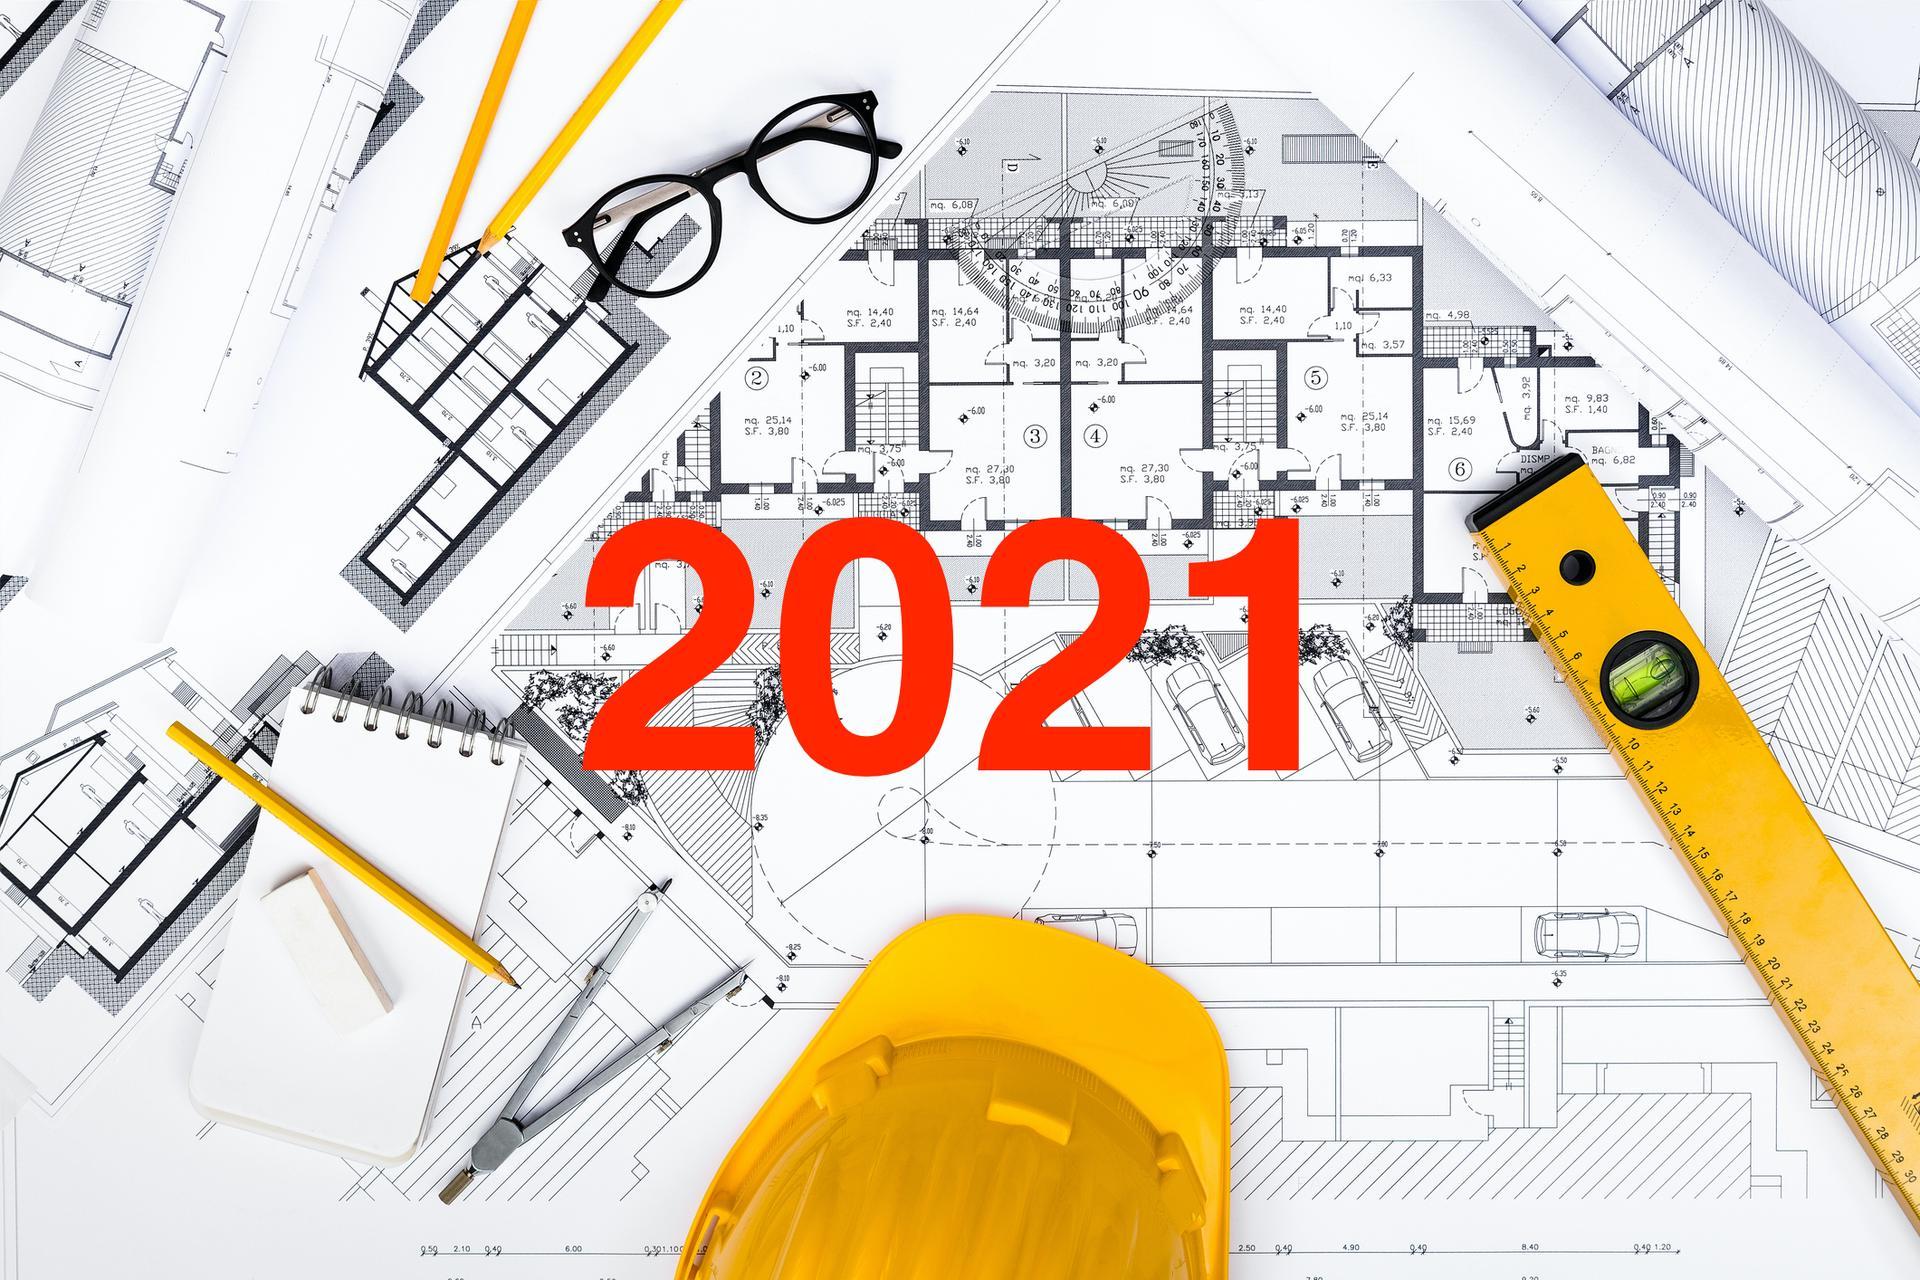 """Chystáte sa v roku 2021 stavať svoj vytúžený dom? Pridajte sa do našej skupiny """"V roku 2021 začíname stavať"""": https://www.modrastrecha.sk/group/7058/ a zdieľajte svoje starosti a radosti spolu s ostatnými, ktorí tiež začínajú stavať v rovnakom období. Spolu sa budú všetky problémy zvládať jednoduchšie 🙂 - Obrázok č. 1"""